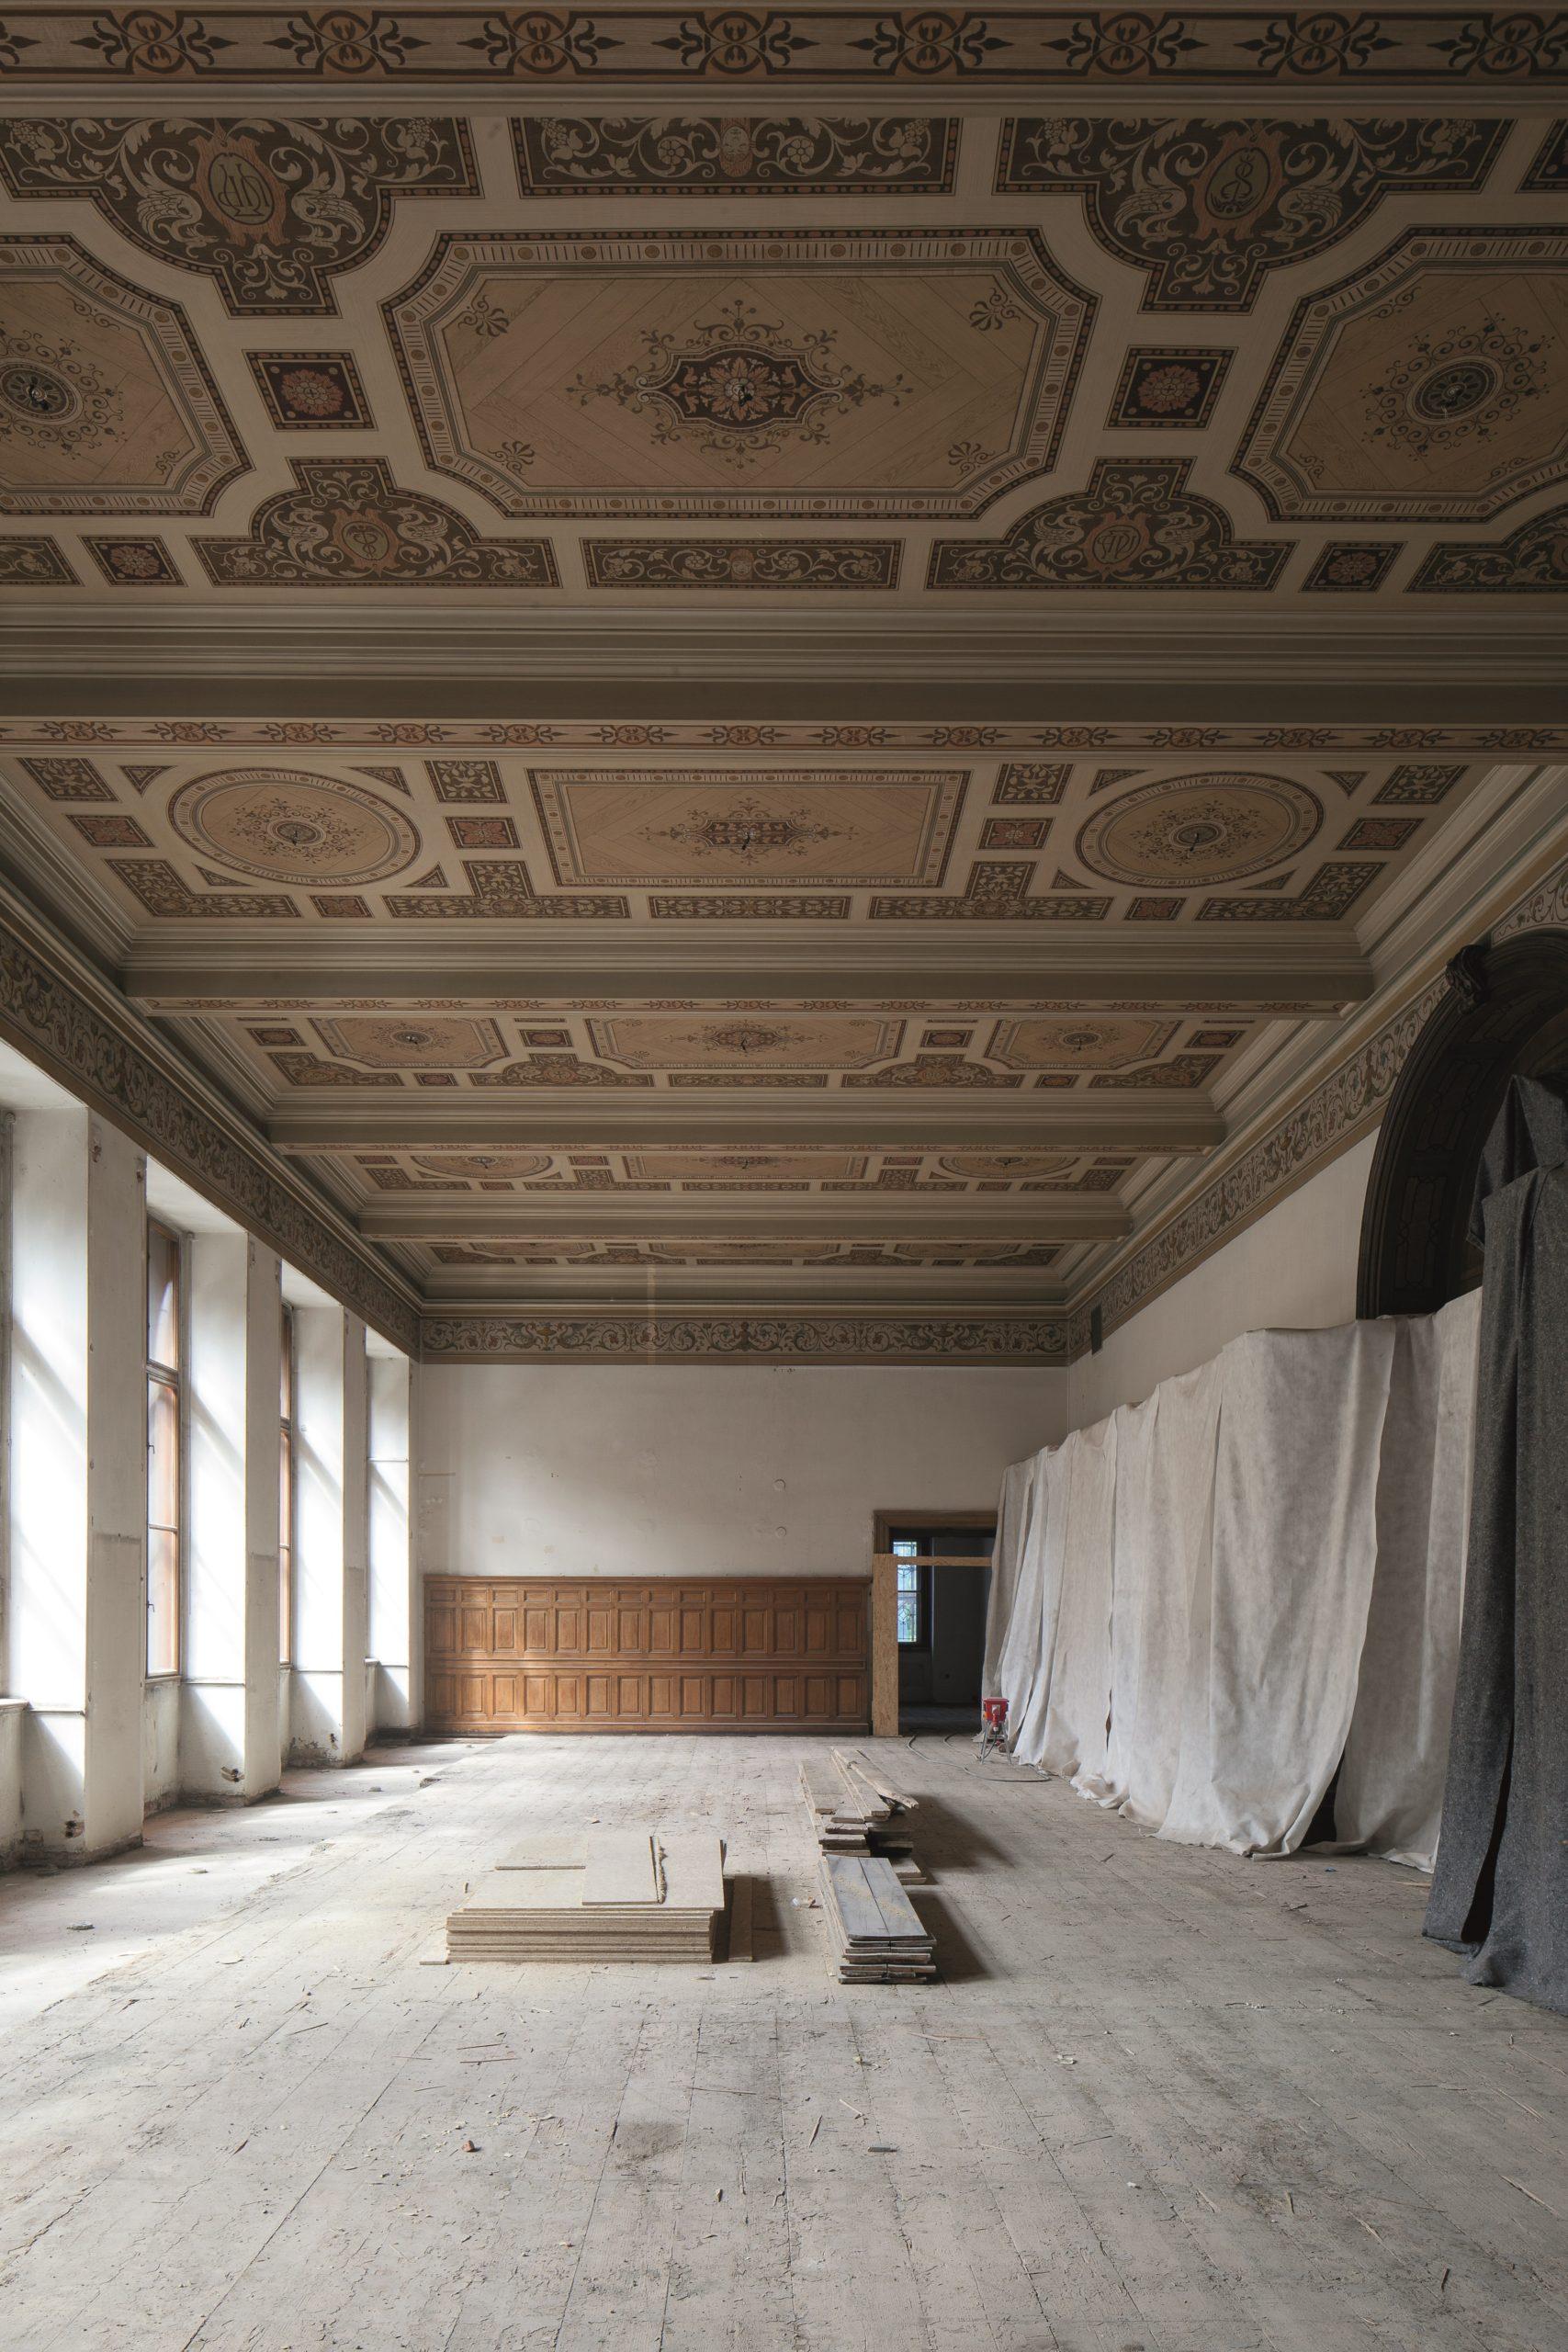 Uměleckoprůmyslové muzeum, vyklizený sál knihovny pro veřejnost, Praha 1